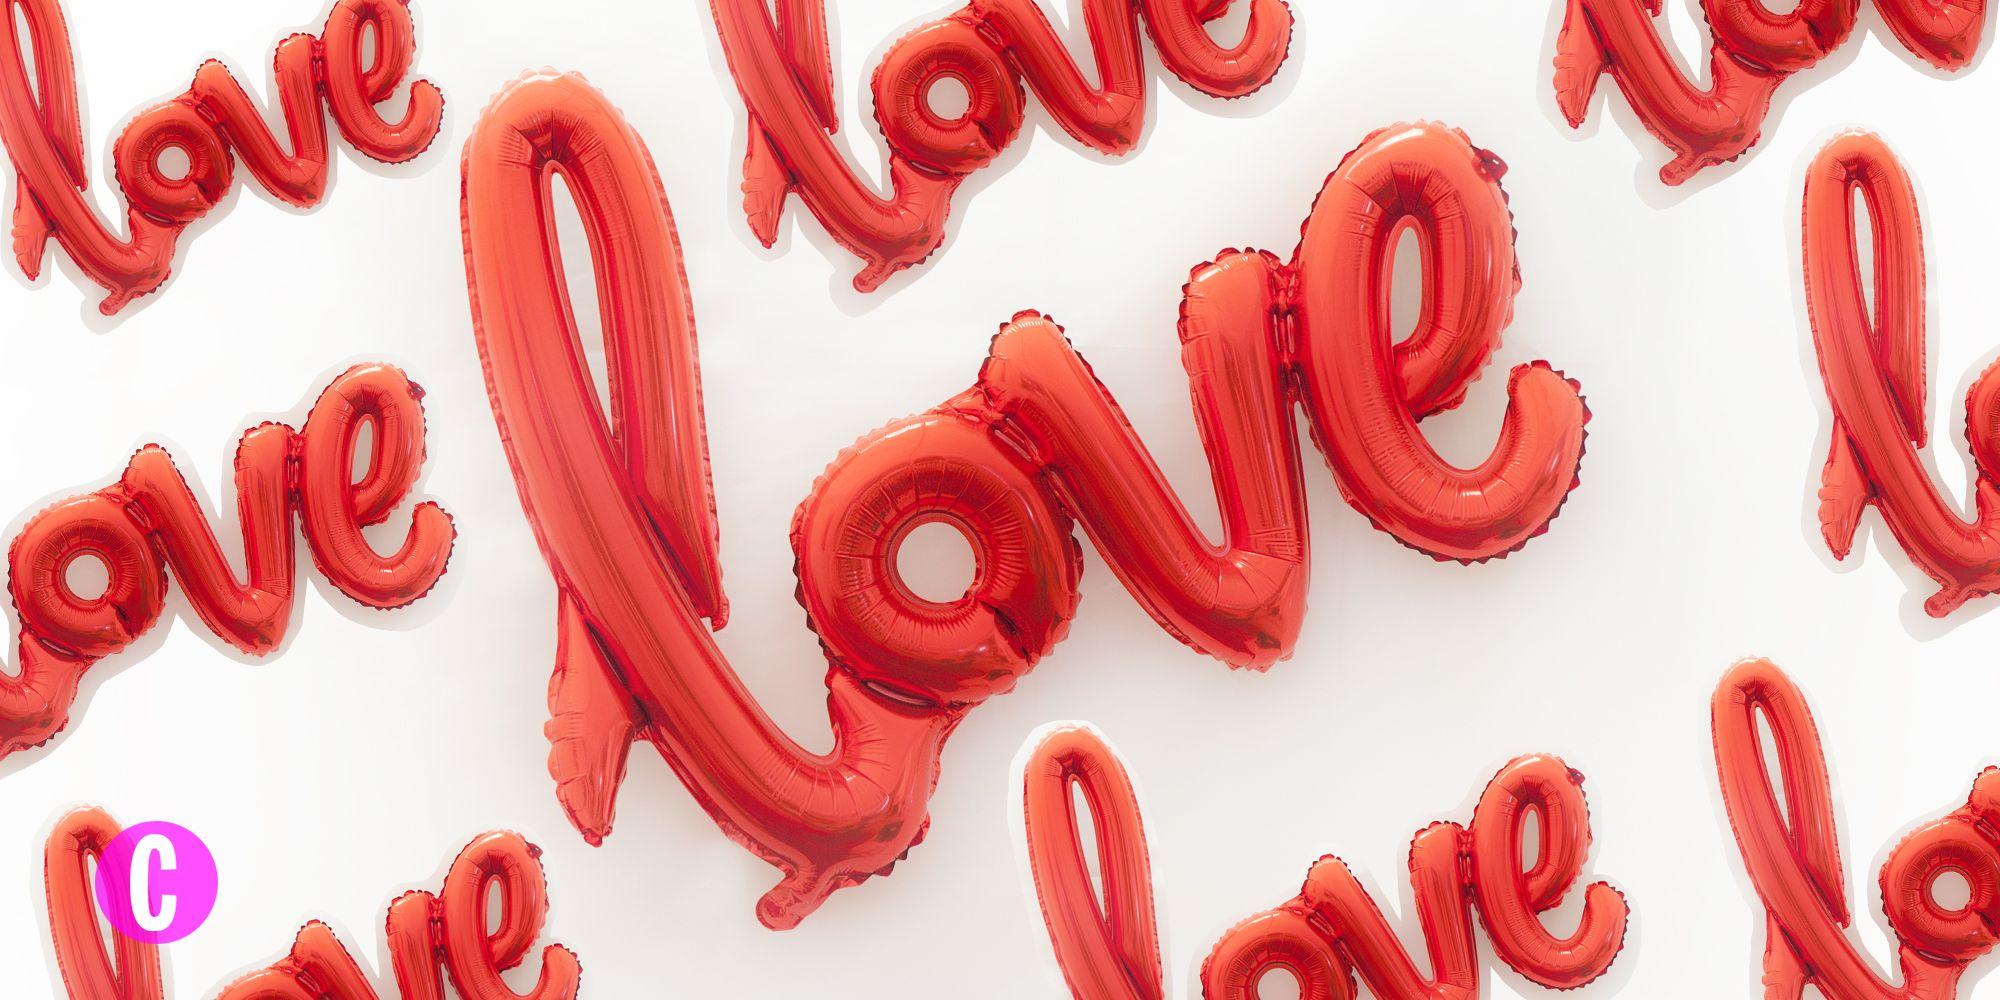 Pensa ai regali di San Valentino come a un'occasione per sorprenderlo e con cui condividere momenti unici: i regali di San Valentino per lui non saranno più un problema.